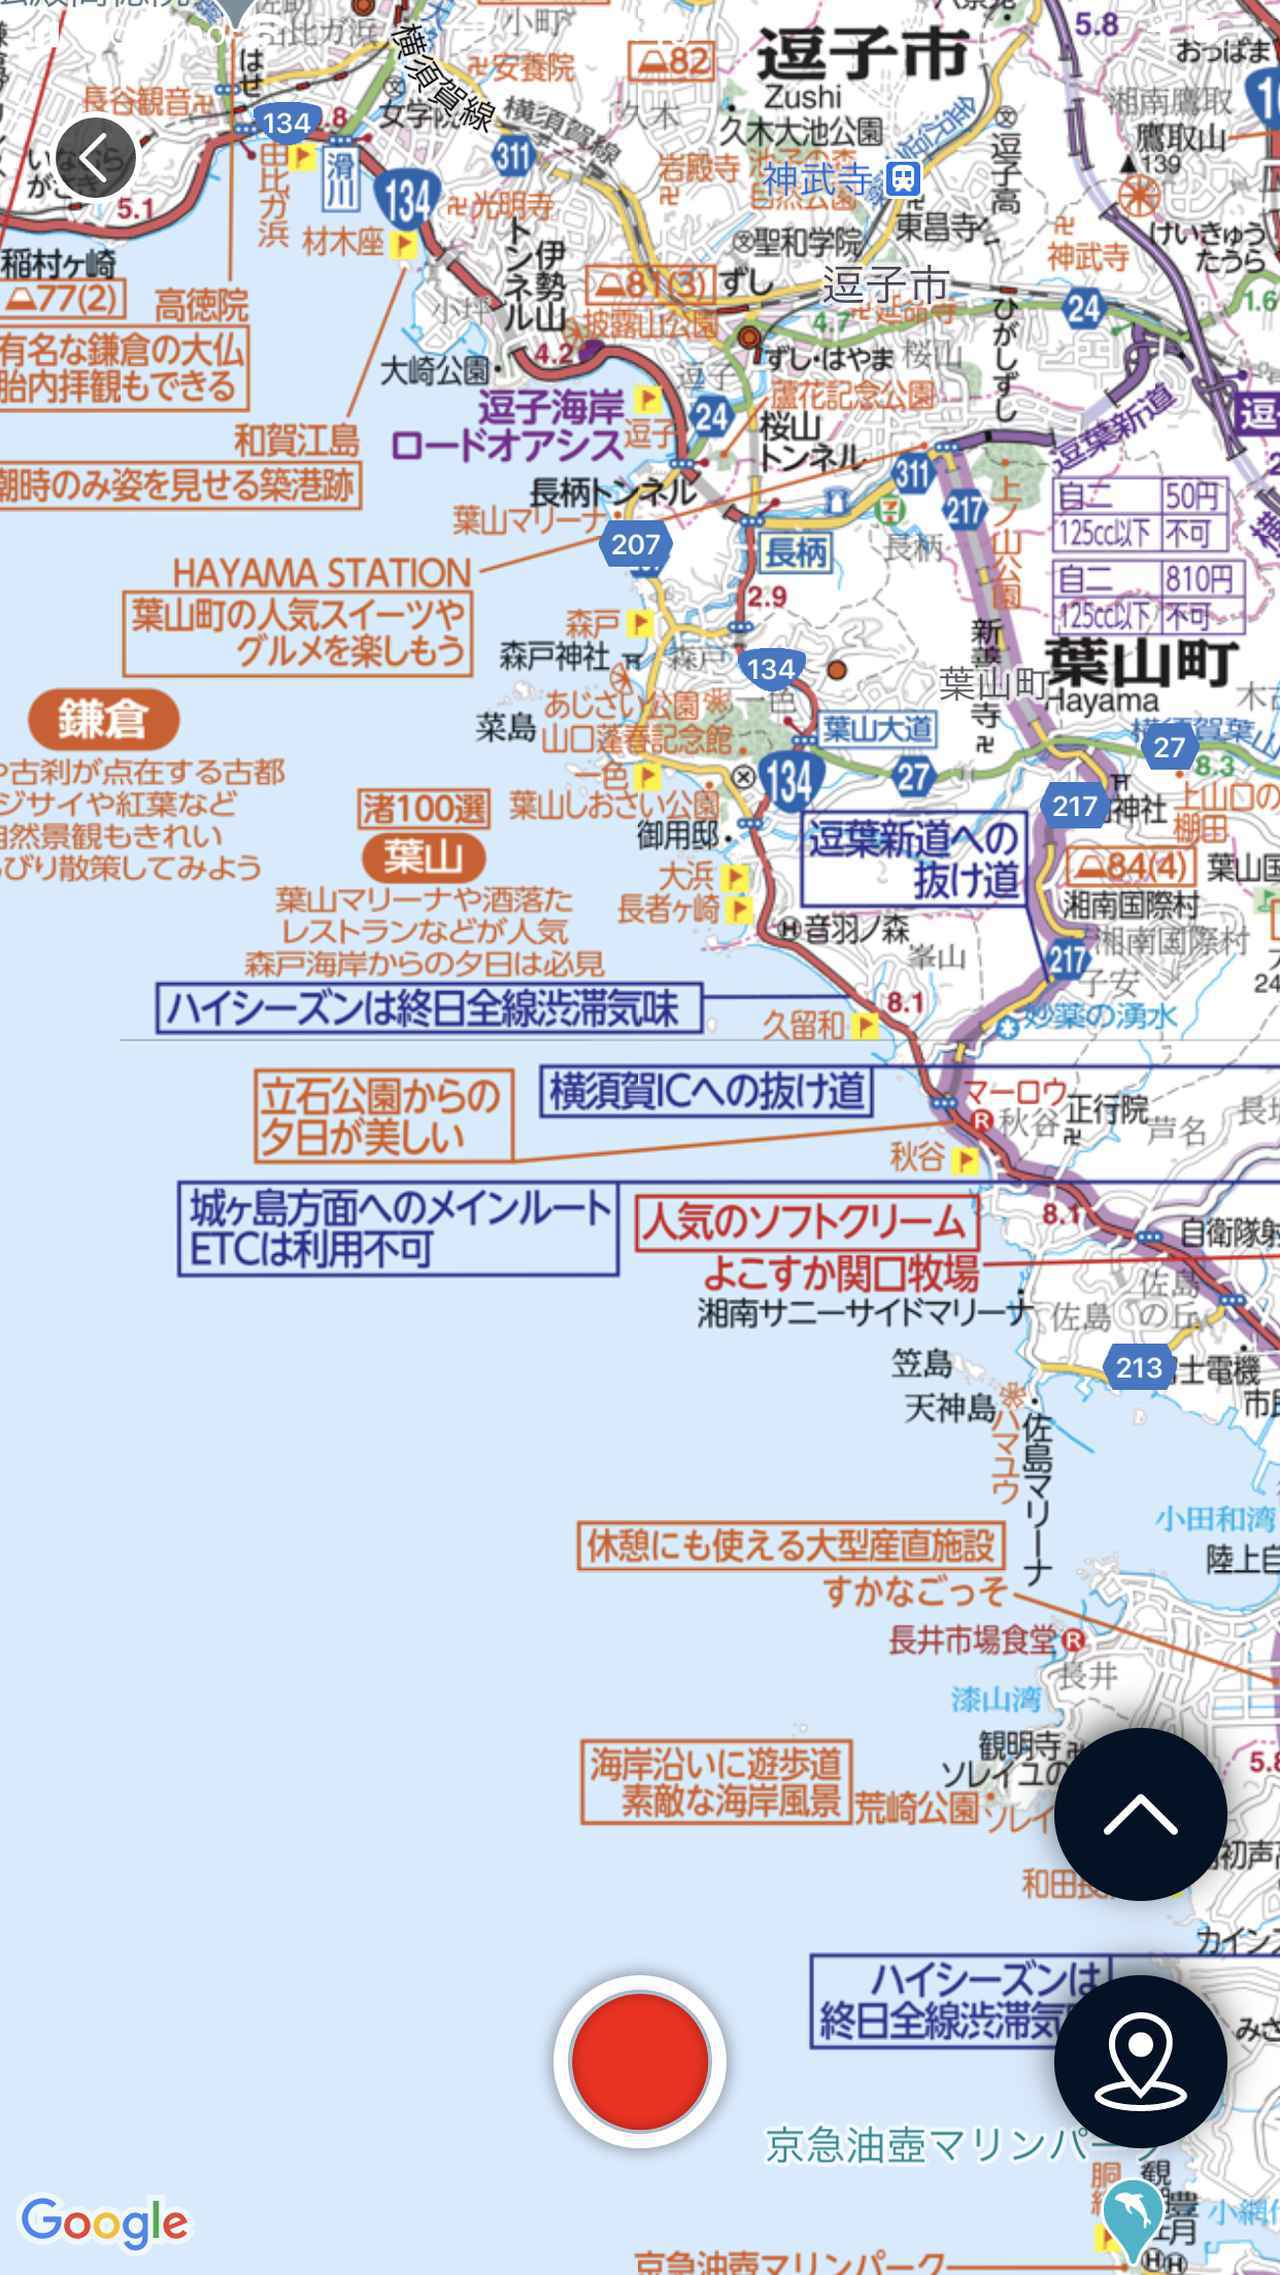 画像2: Google Map×ツーリングマップルの神アプリ登場